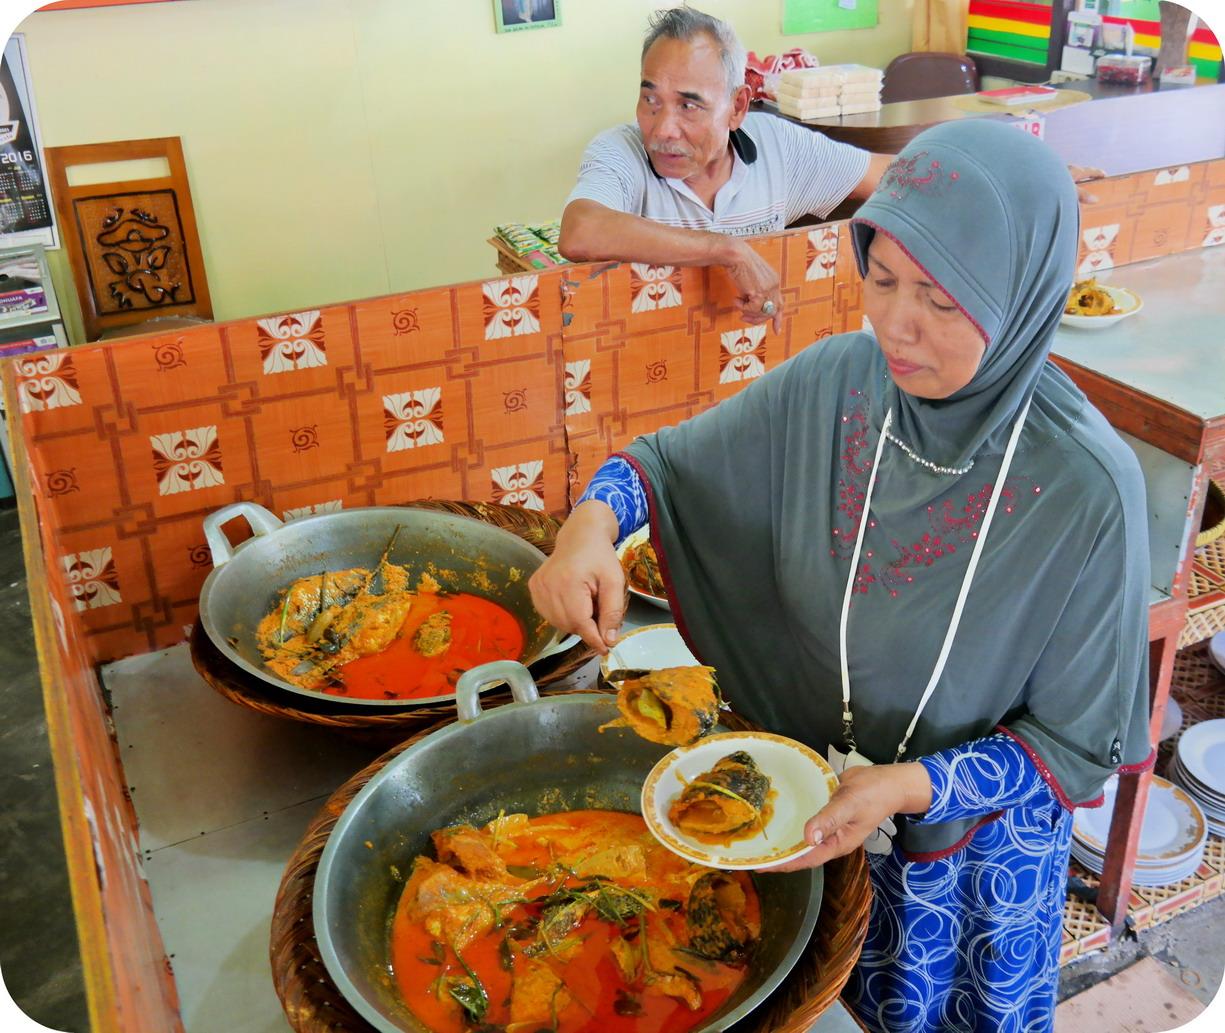 Blog Indonesia Page 4059 Of 4065 Tcash Vaganza 17 Varka V189 Sepatu Casual Dan Olahraga Wanita Rumah Makan Itiak Lado Mudo